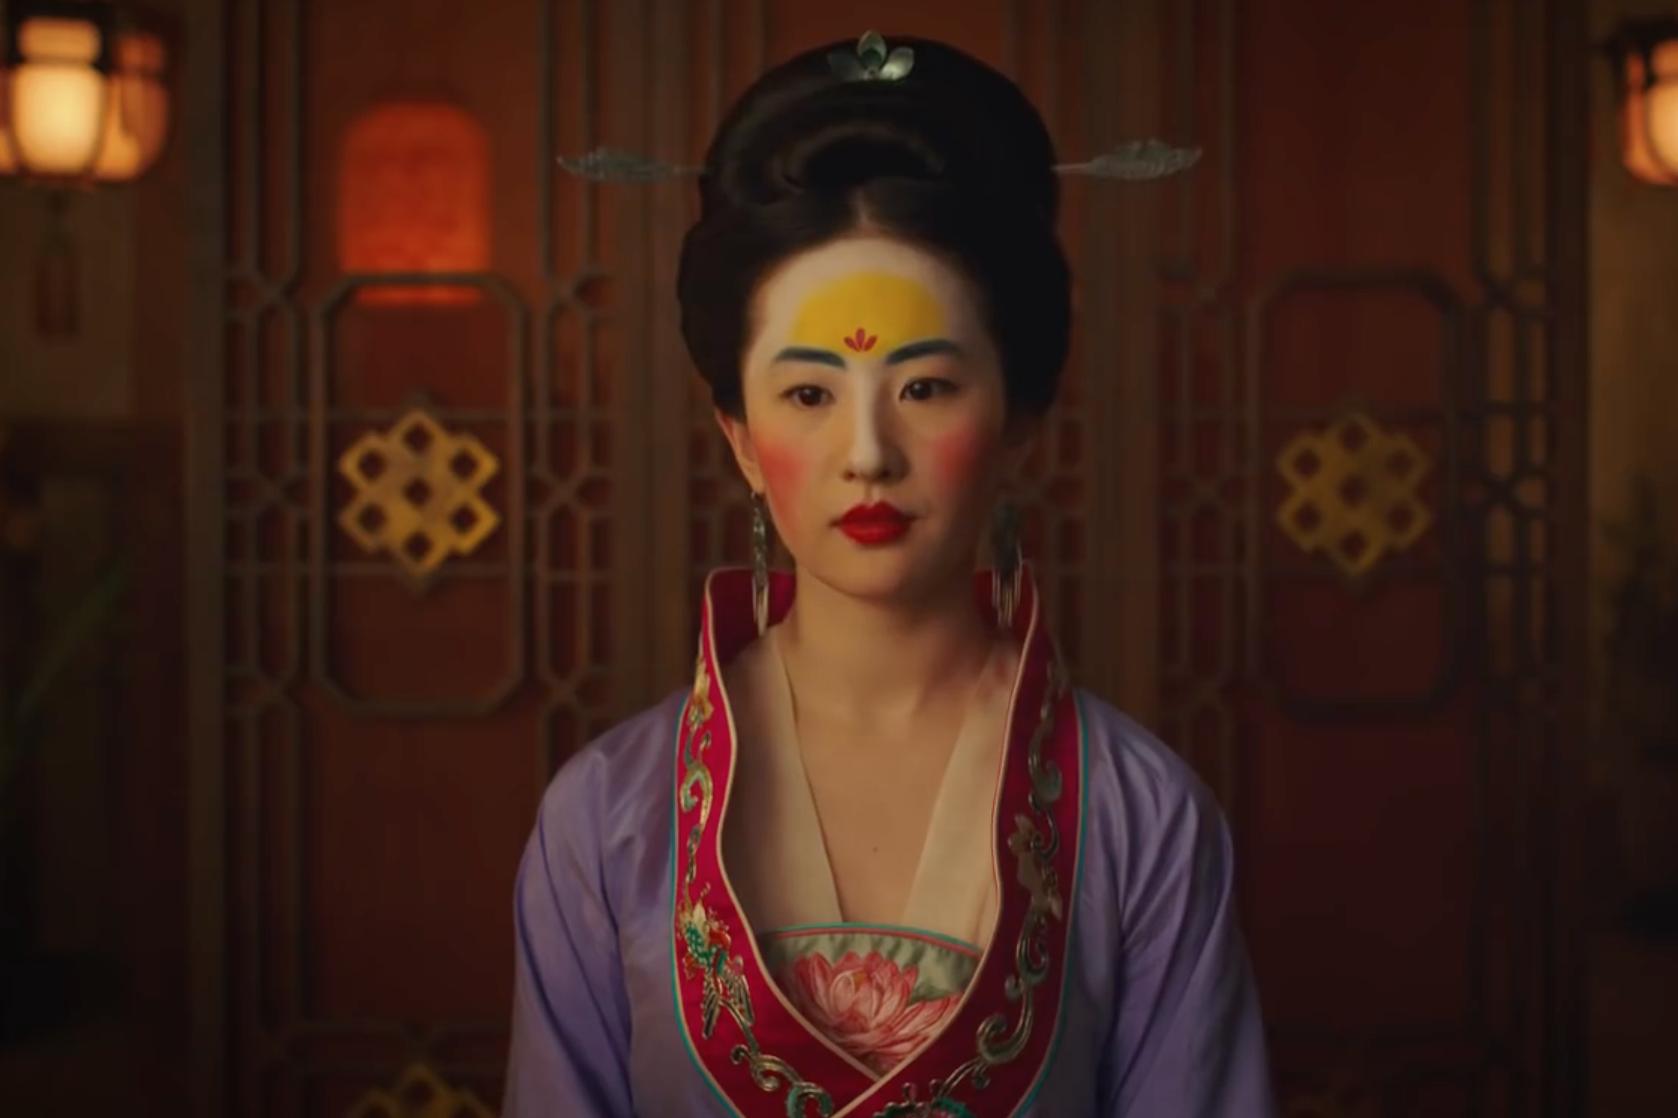 We kunnen niet wachten: Disney deelt nieuwe beelden live-action 'Mulan'